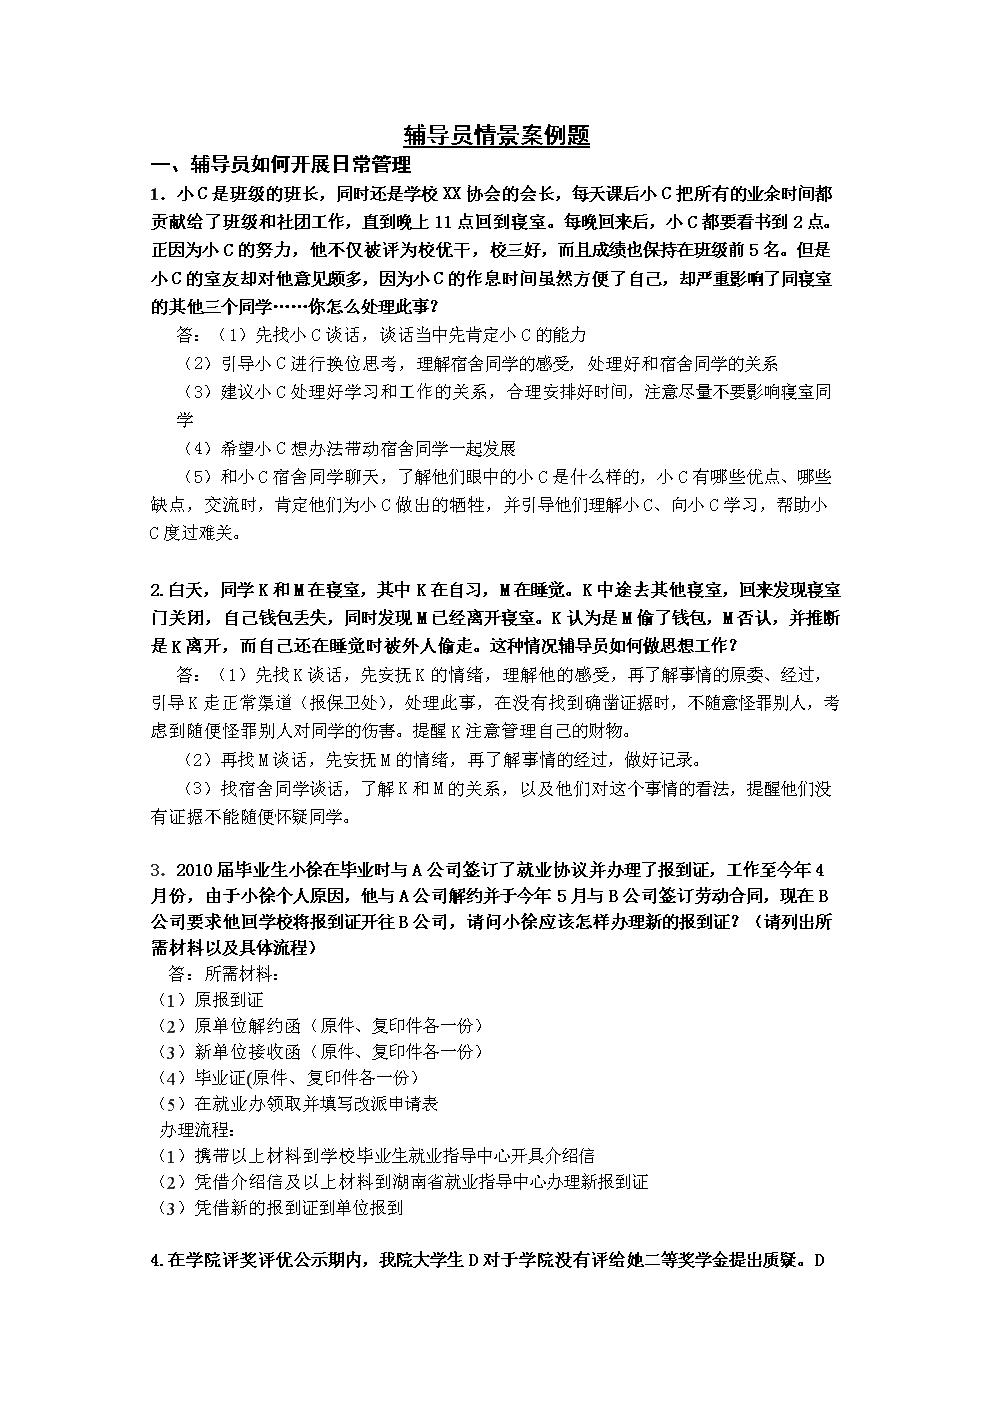 輔導員情景案例題(精簡-答案解析).doc